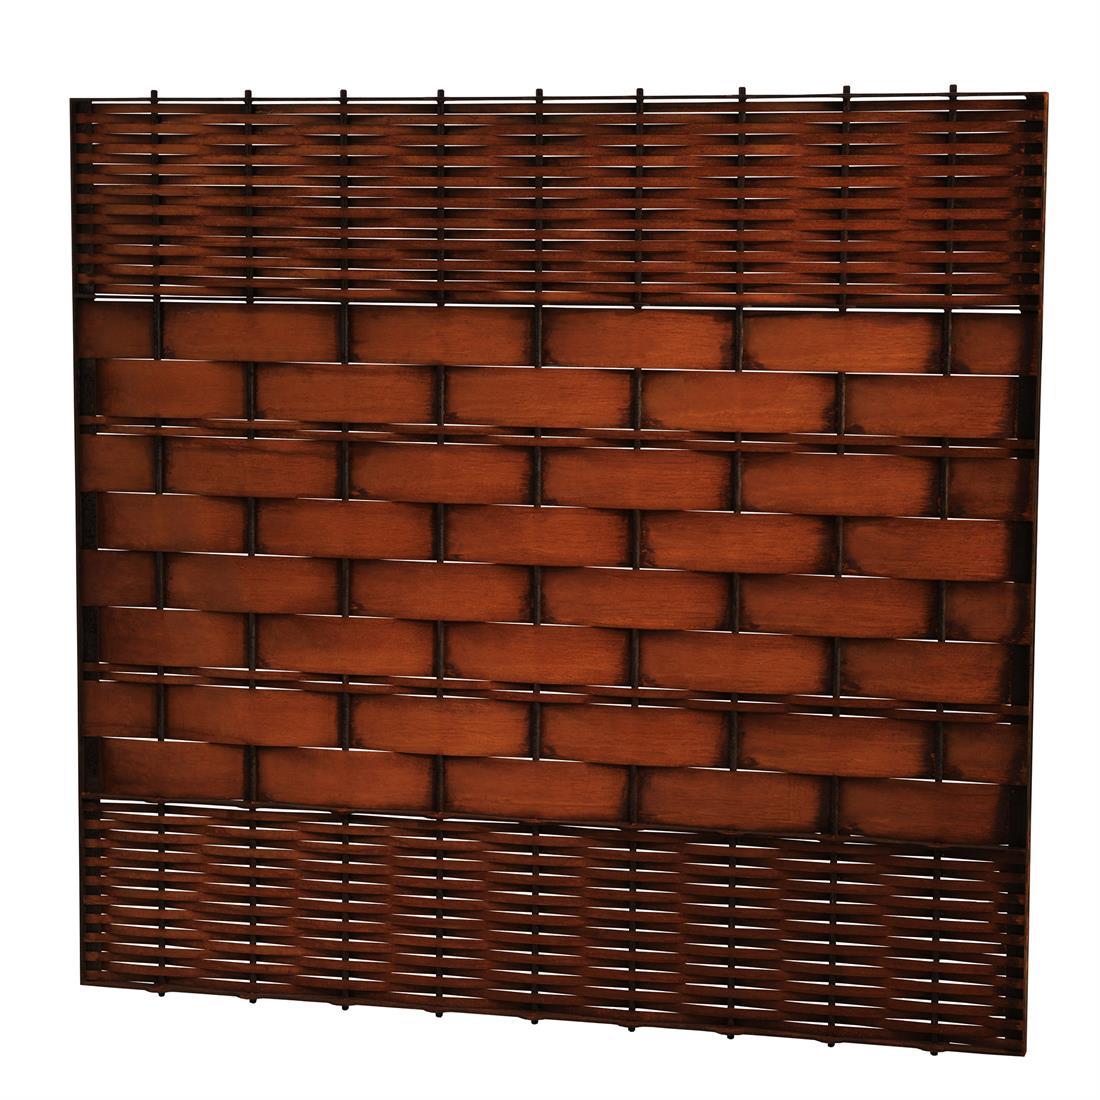 Sichtschutzelement aus Rohstahl oder Cortenstahl